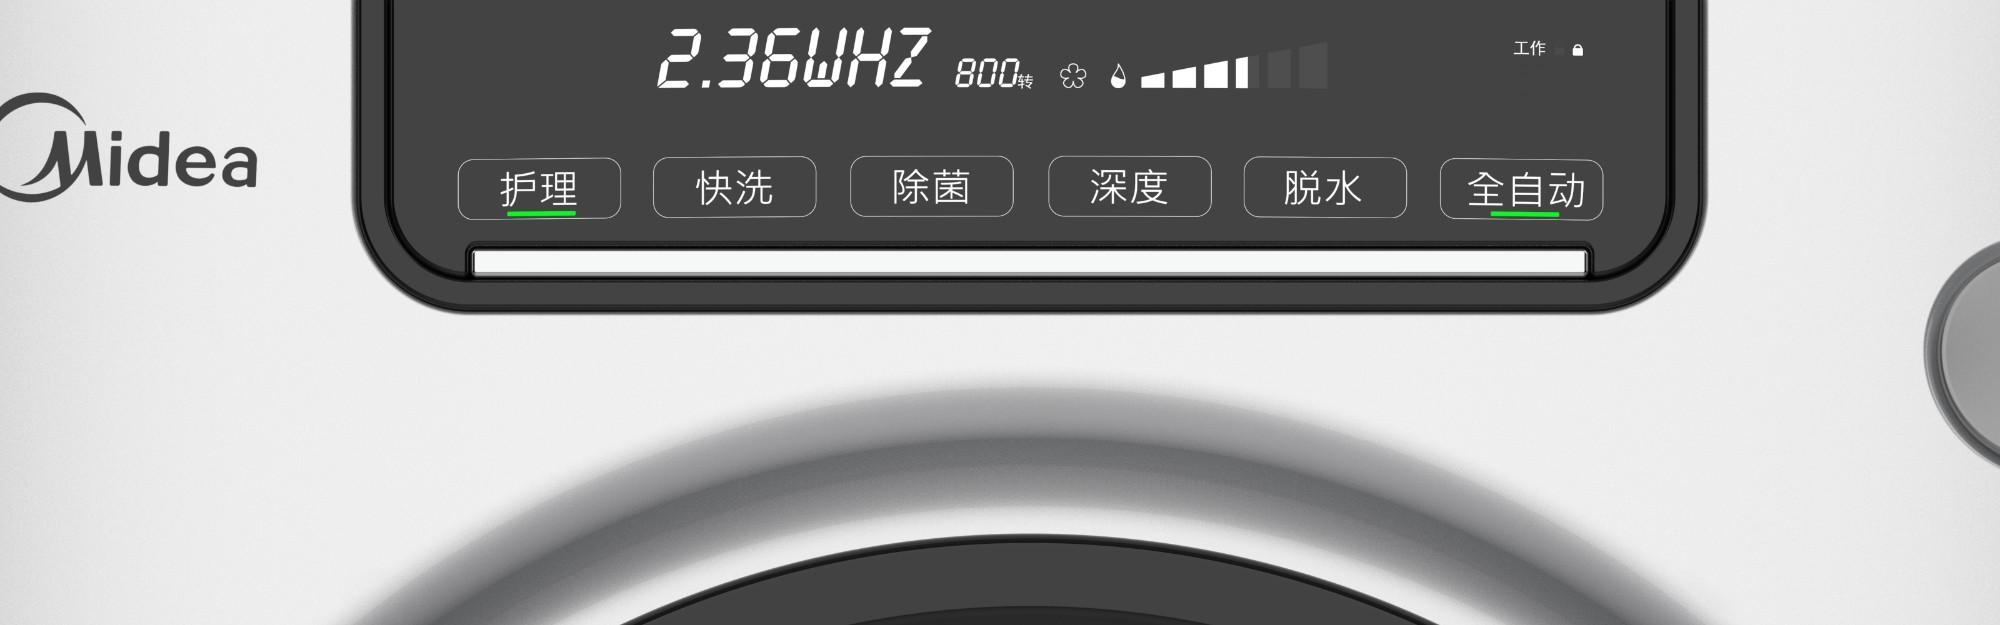 洗鞋机设计 家用电器类设计 产品设计 外观设计